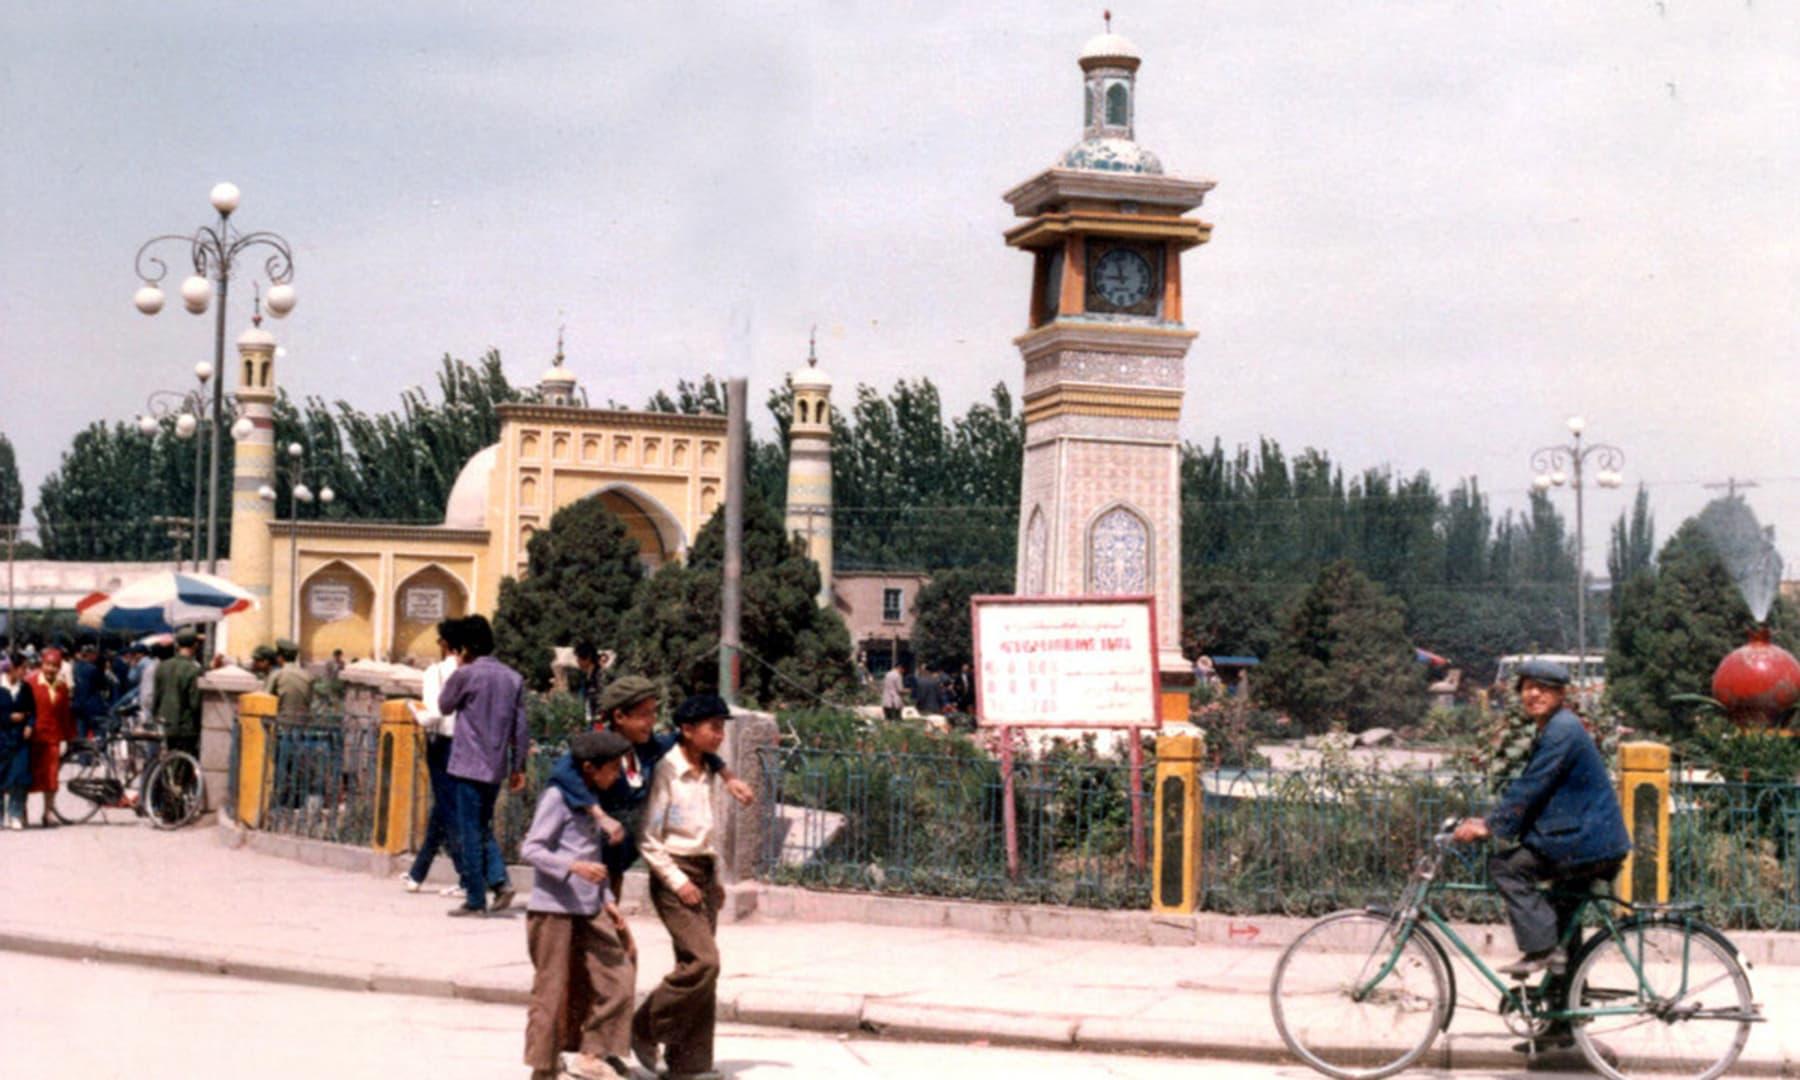 1987 میں کاشغر شہر کا ایک نظارہ—تصویر عبیداللہ کیہر